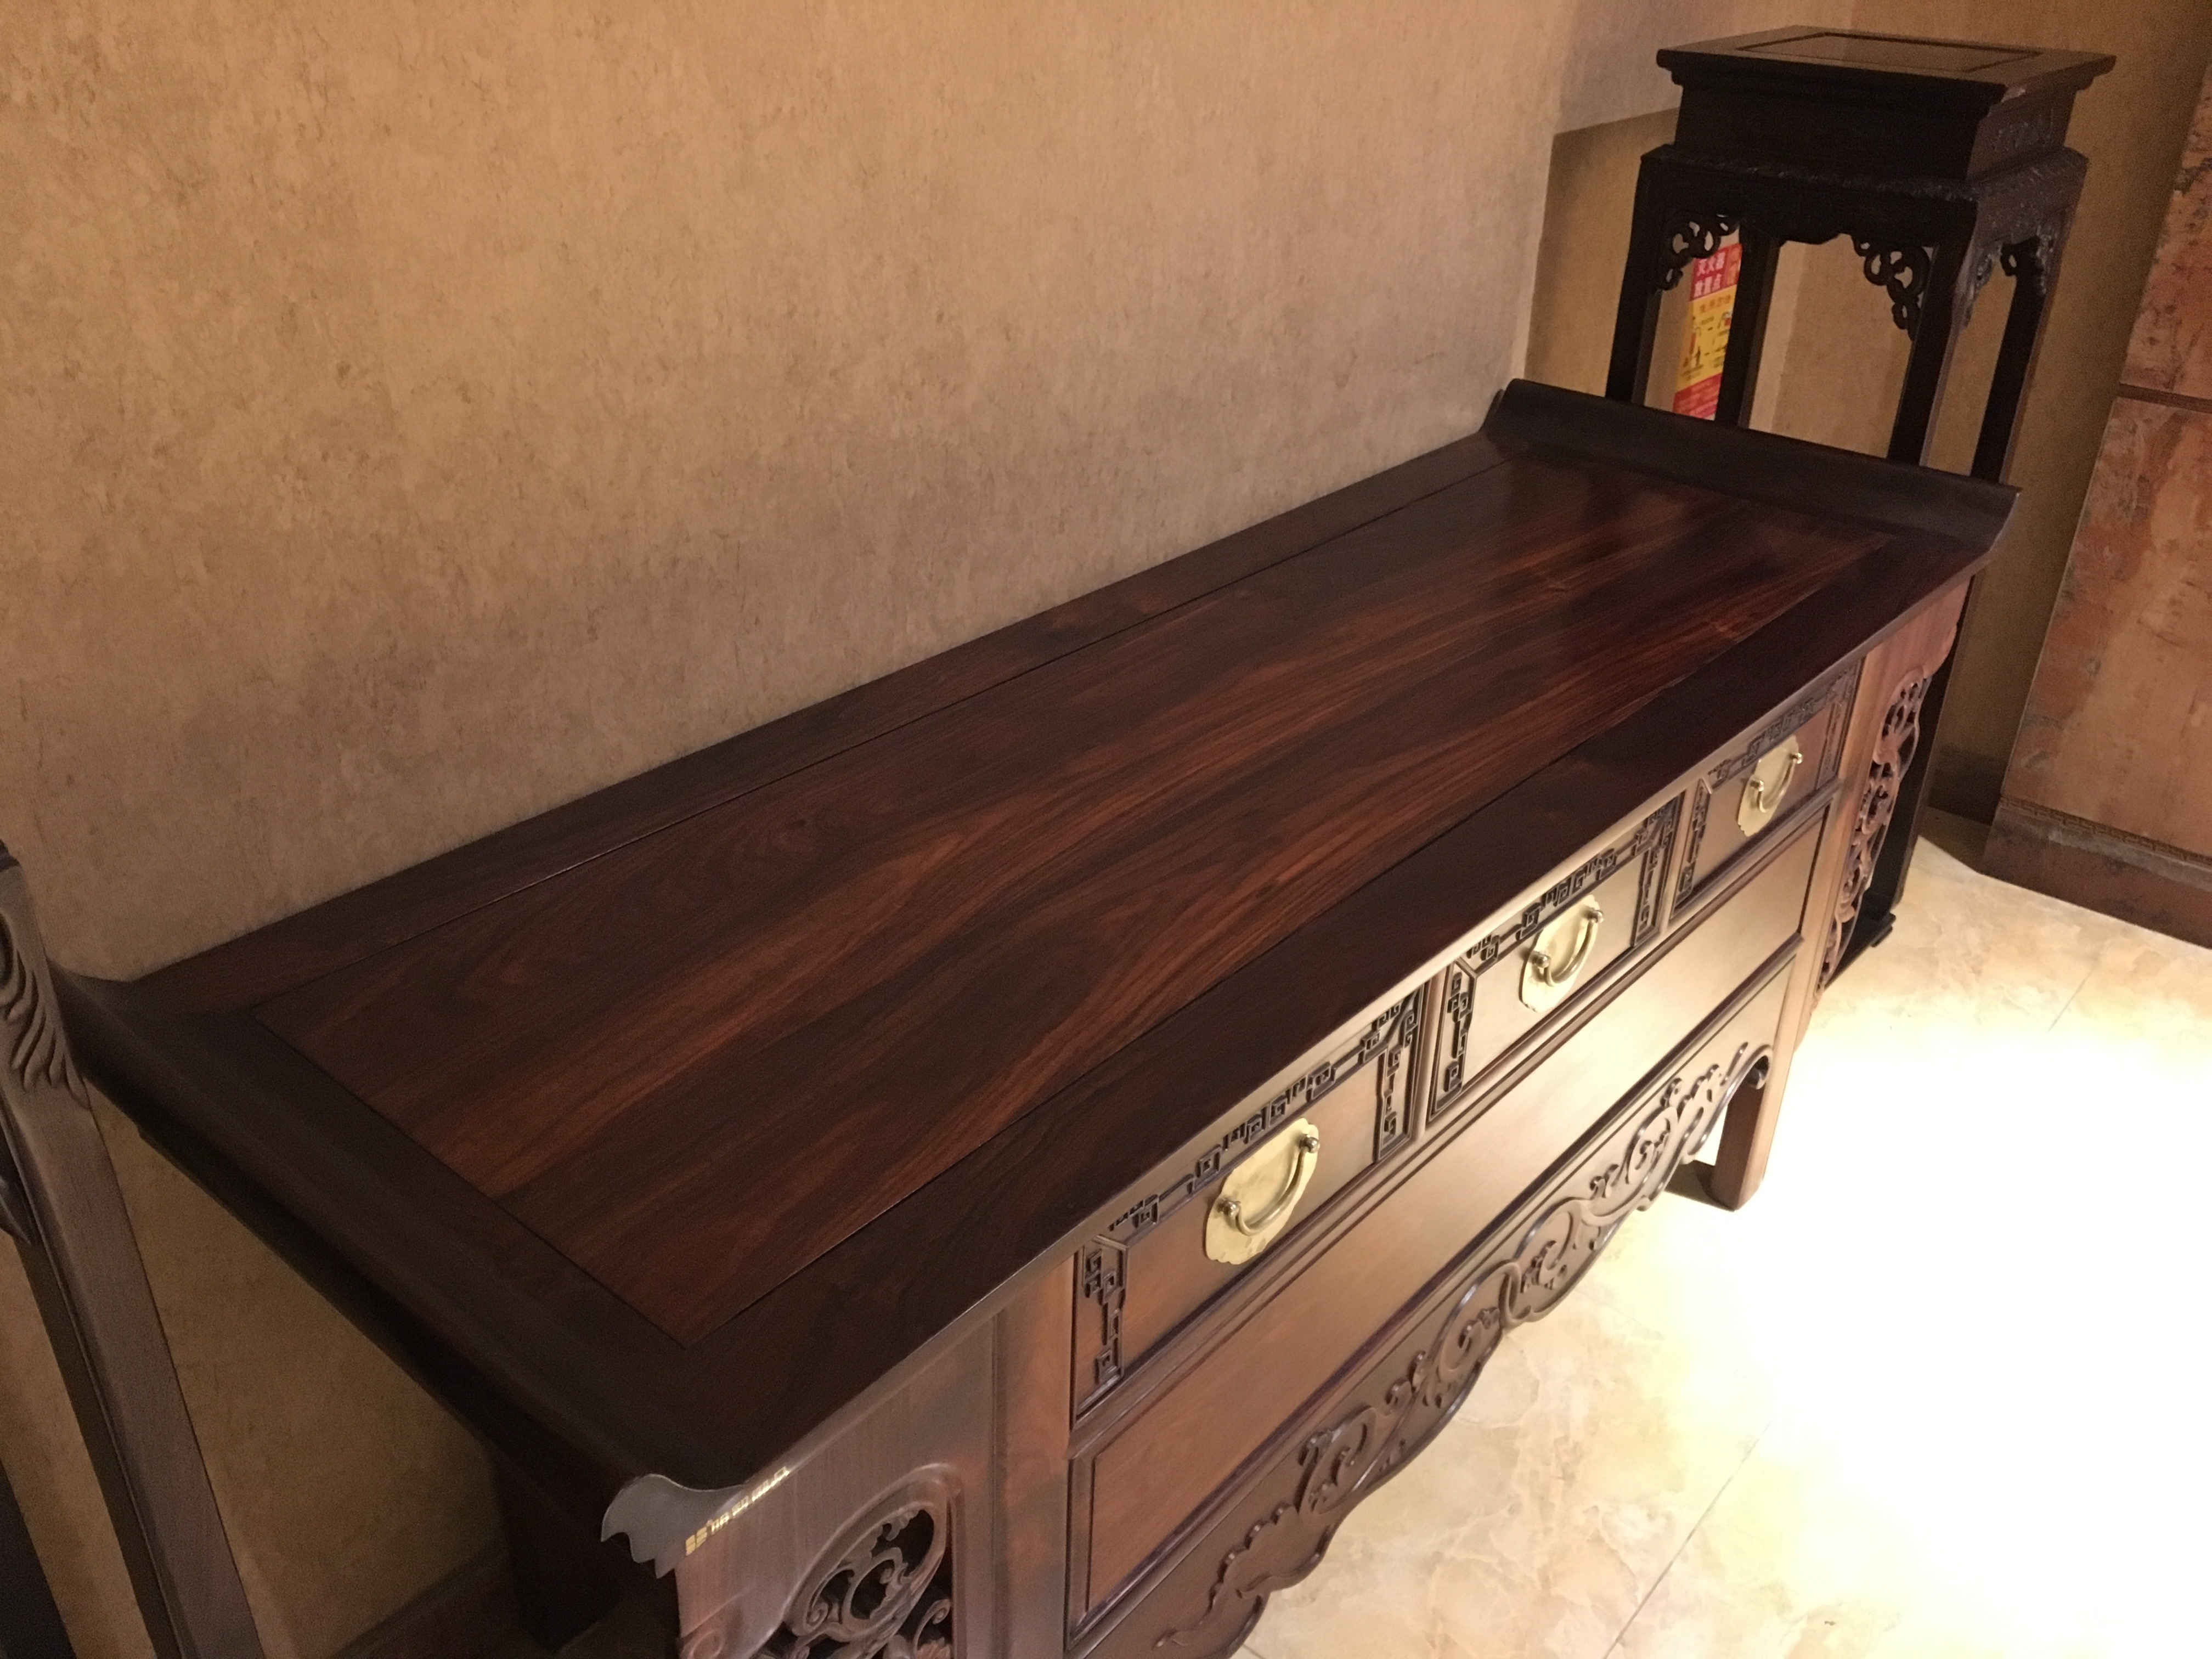 【一物一品・第七期】红木家具-橱柜篇_分分彩平台